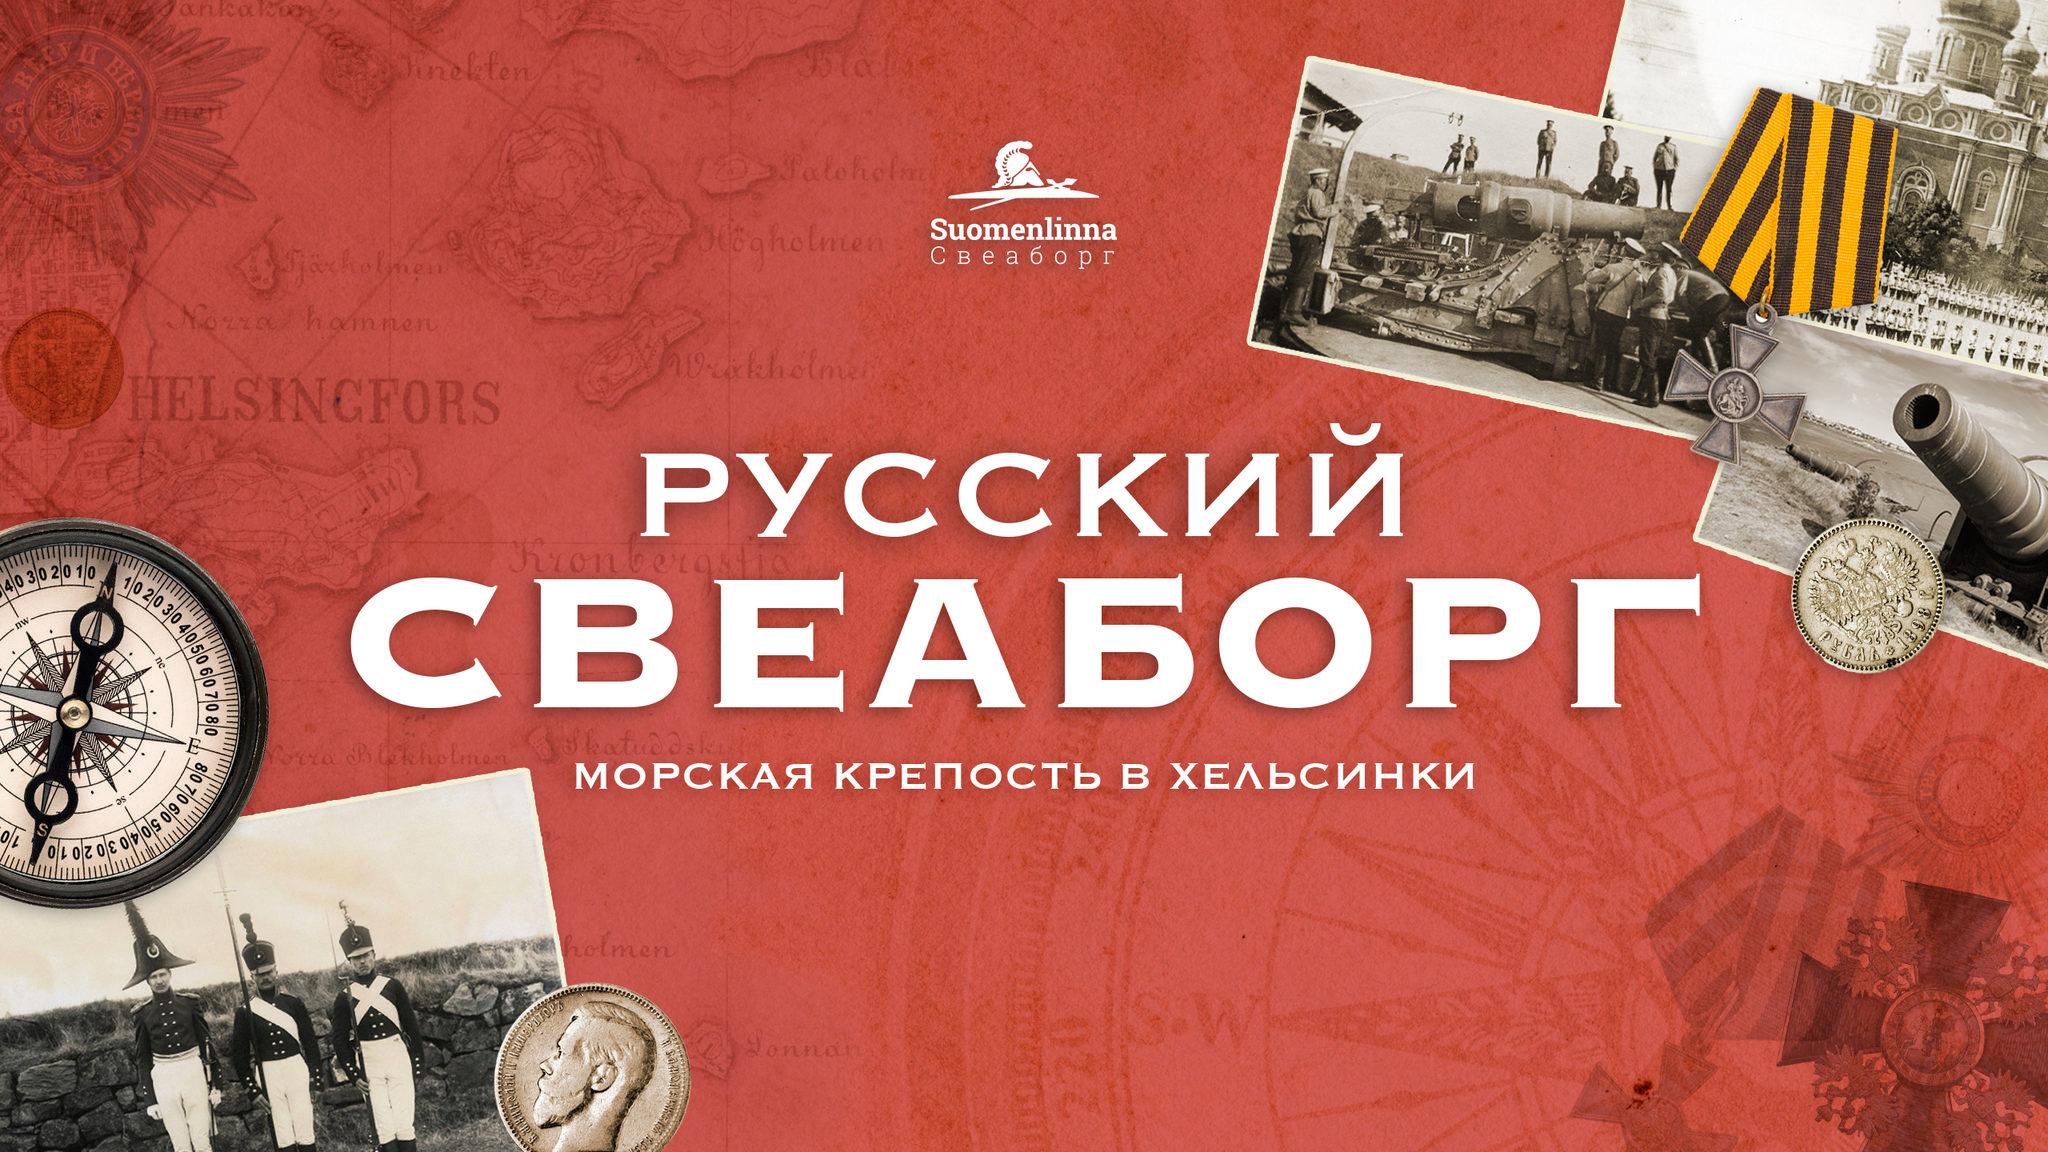 Экскурсия Русский Свеаборг